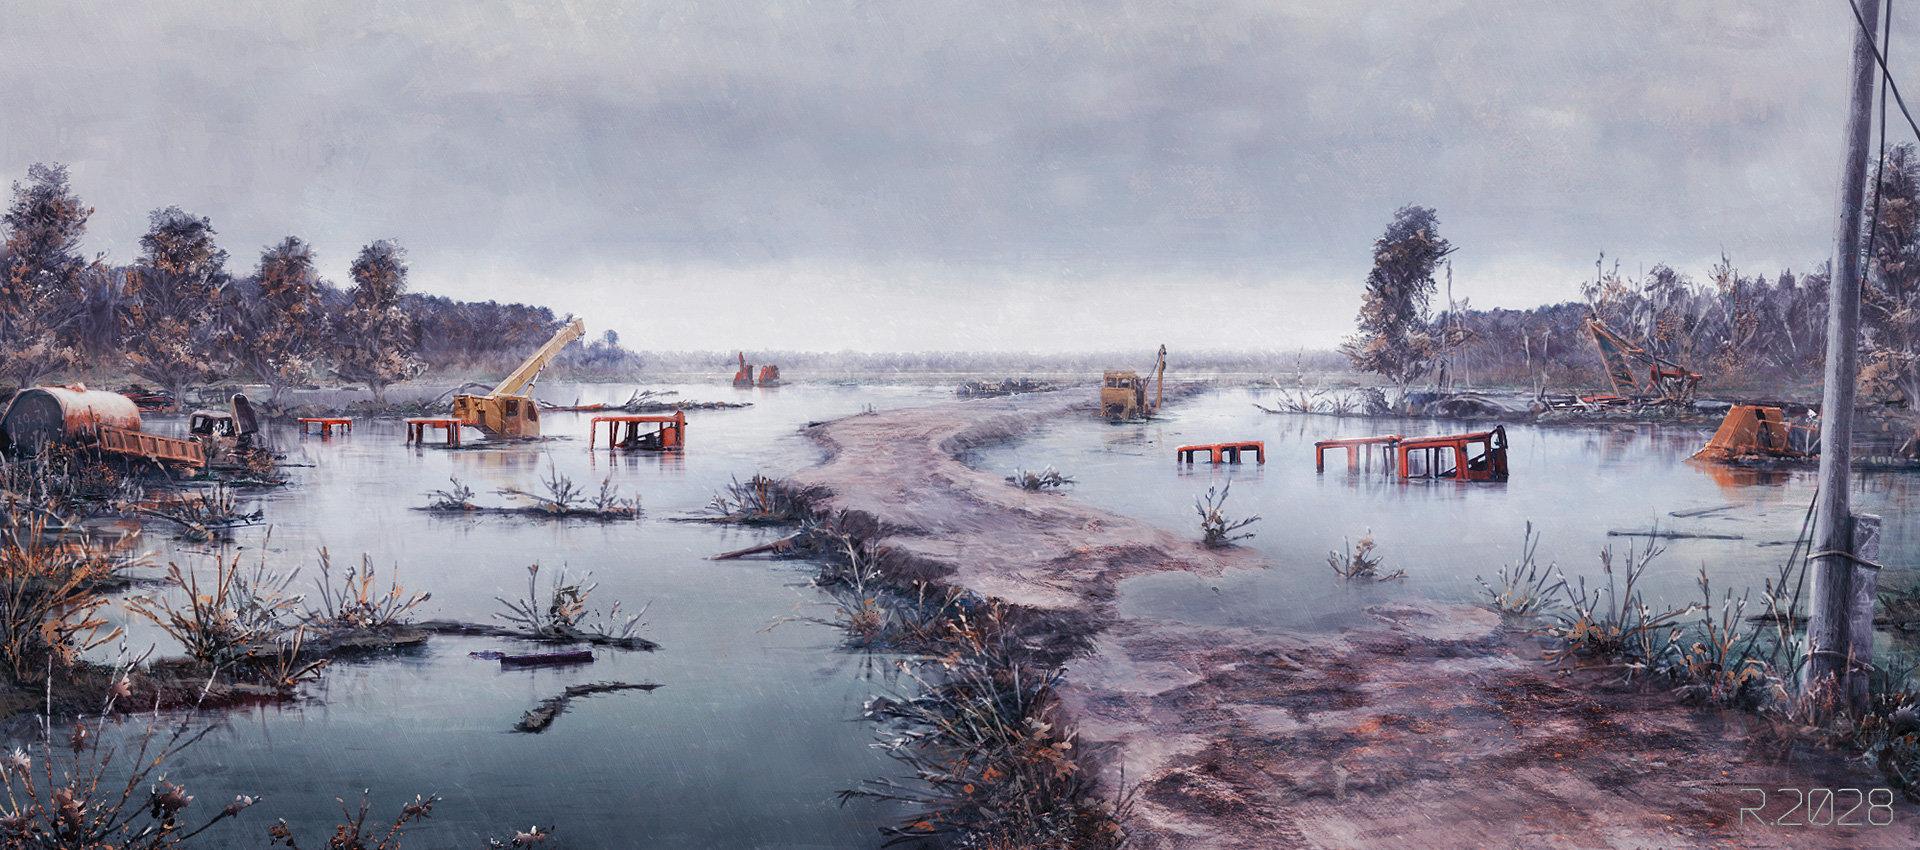 Vlad novikov flooded